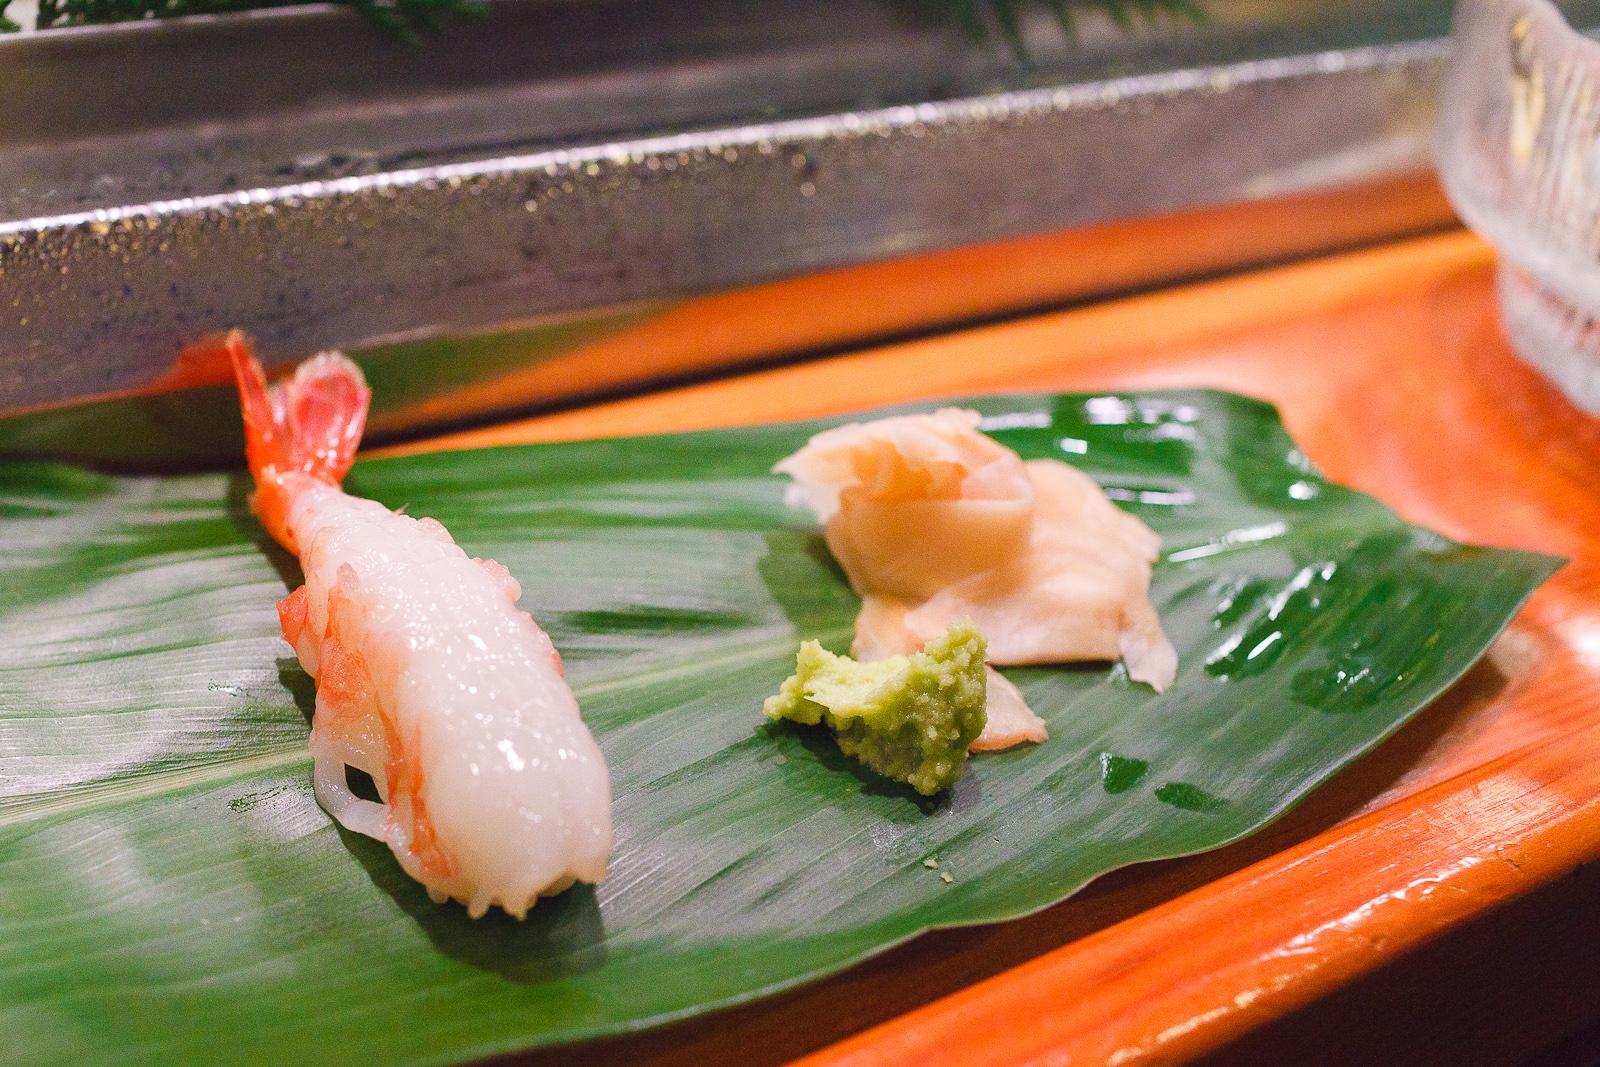 Amaebi sushi ($4)